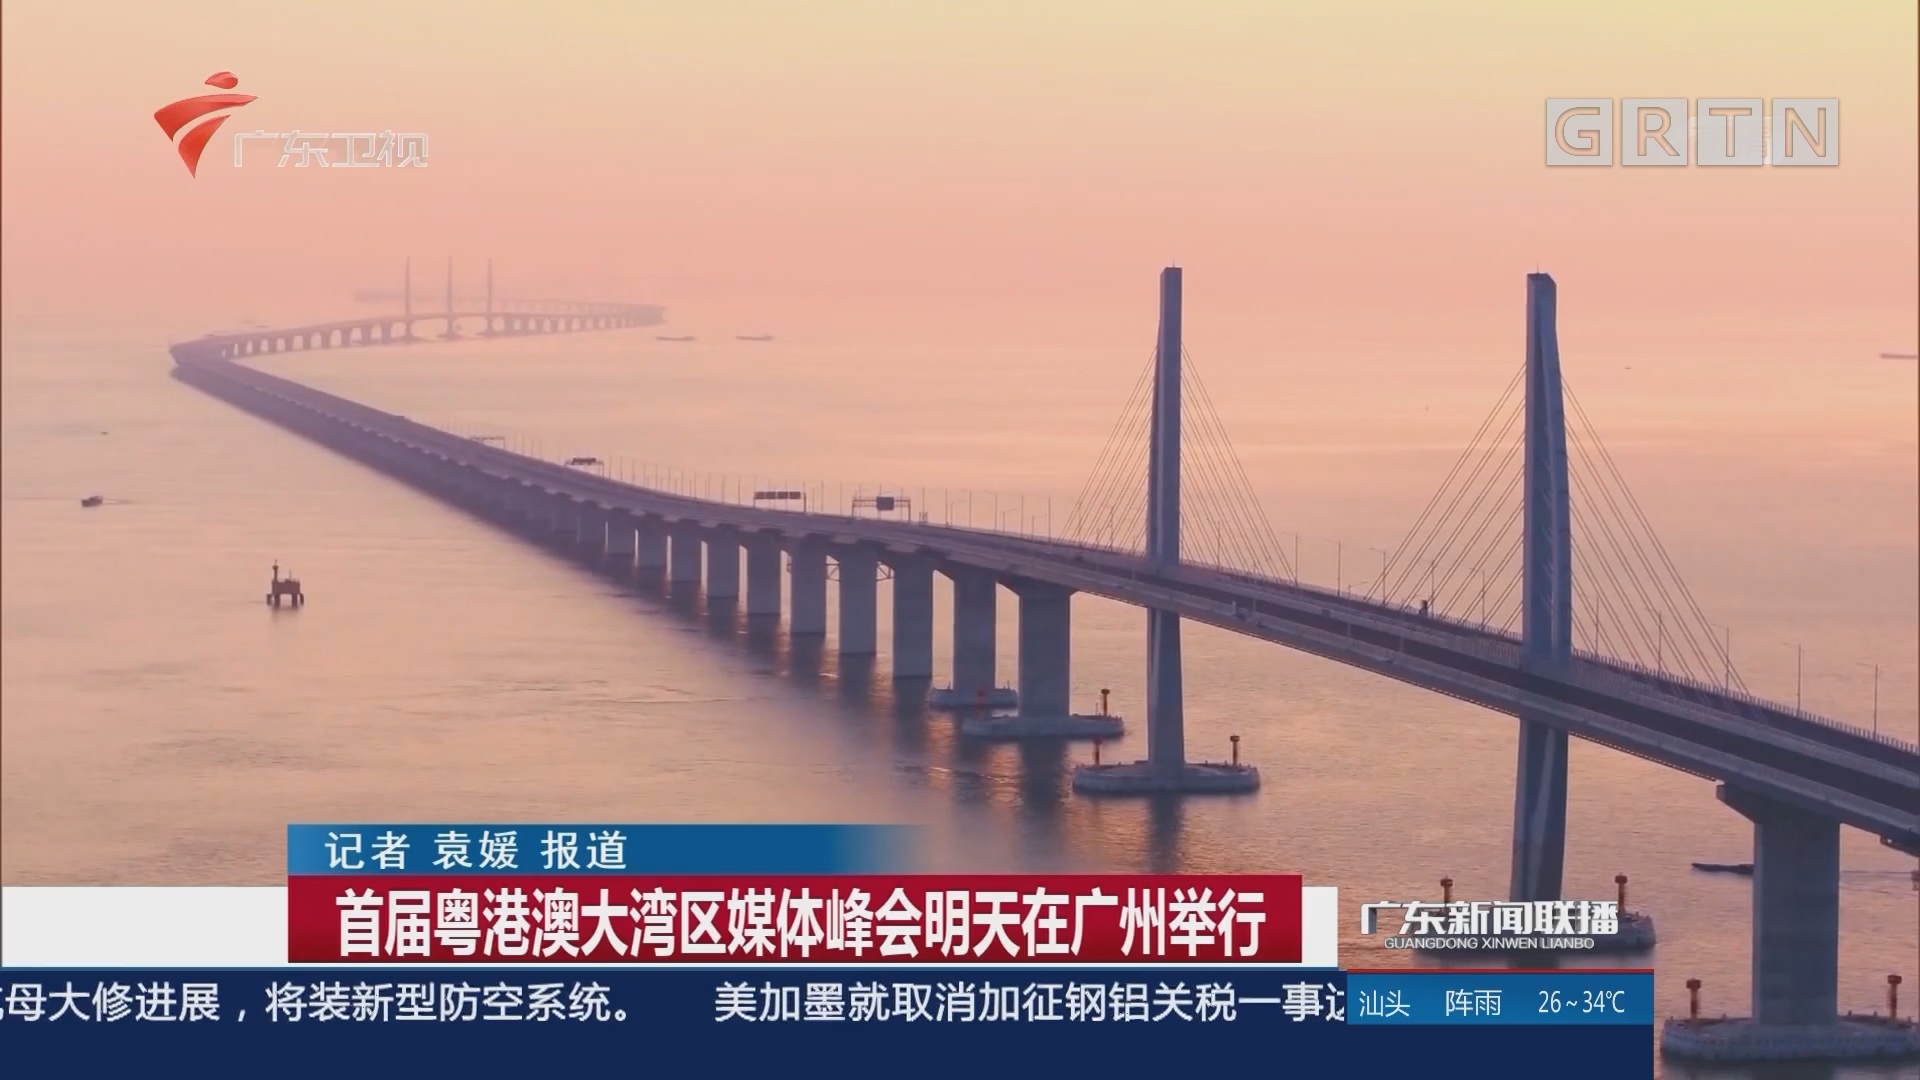 首届粤港澳大湾区媒体峰会明天在广州举行